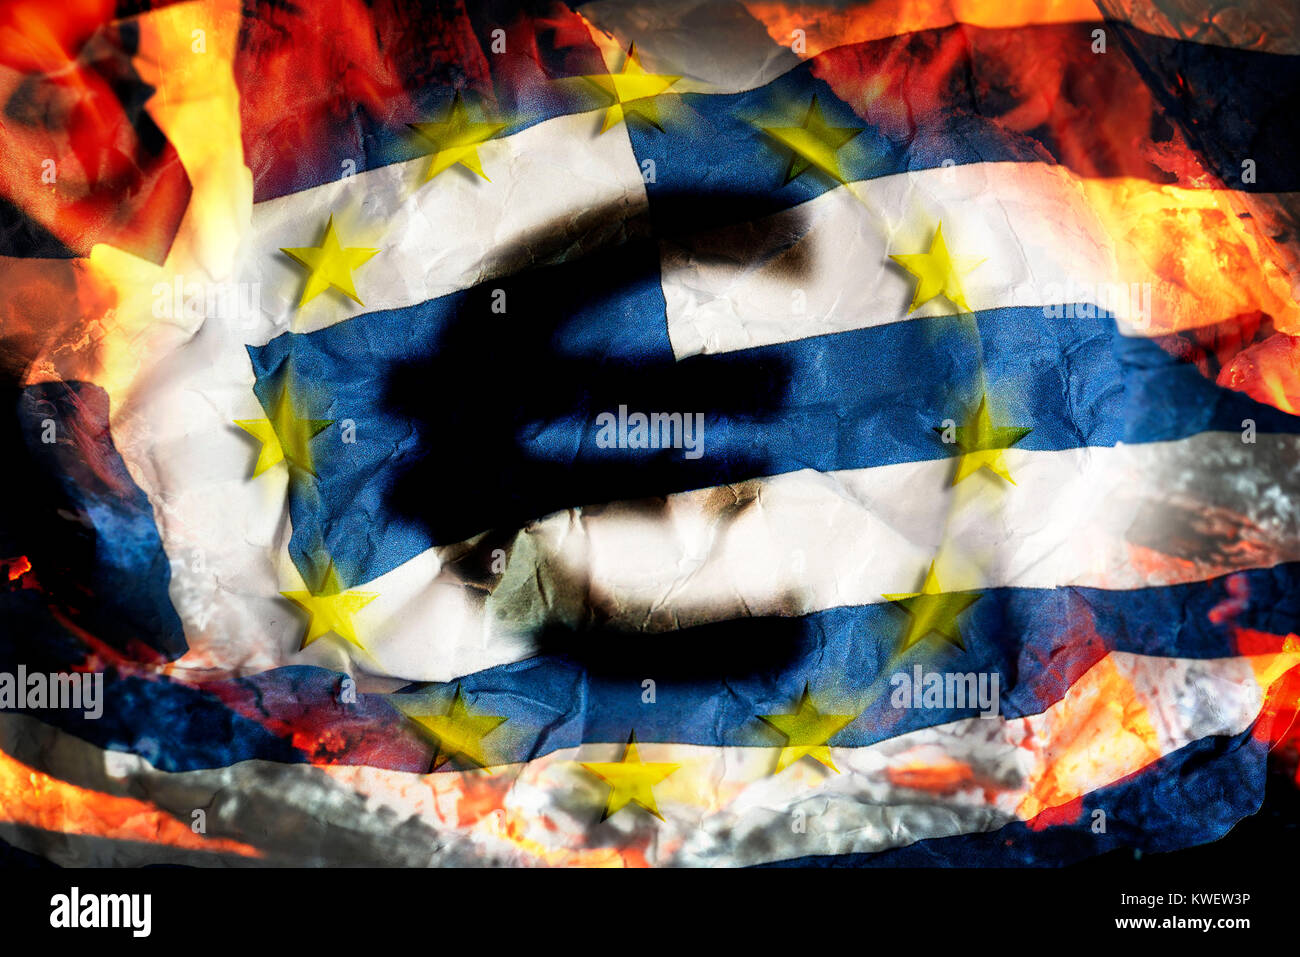 Greek flag with flames and eurosigns, symbolic photo debt quarrel, Griechische Fahne mit Flammen und Eurozeichen, - Stock Image